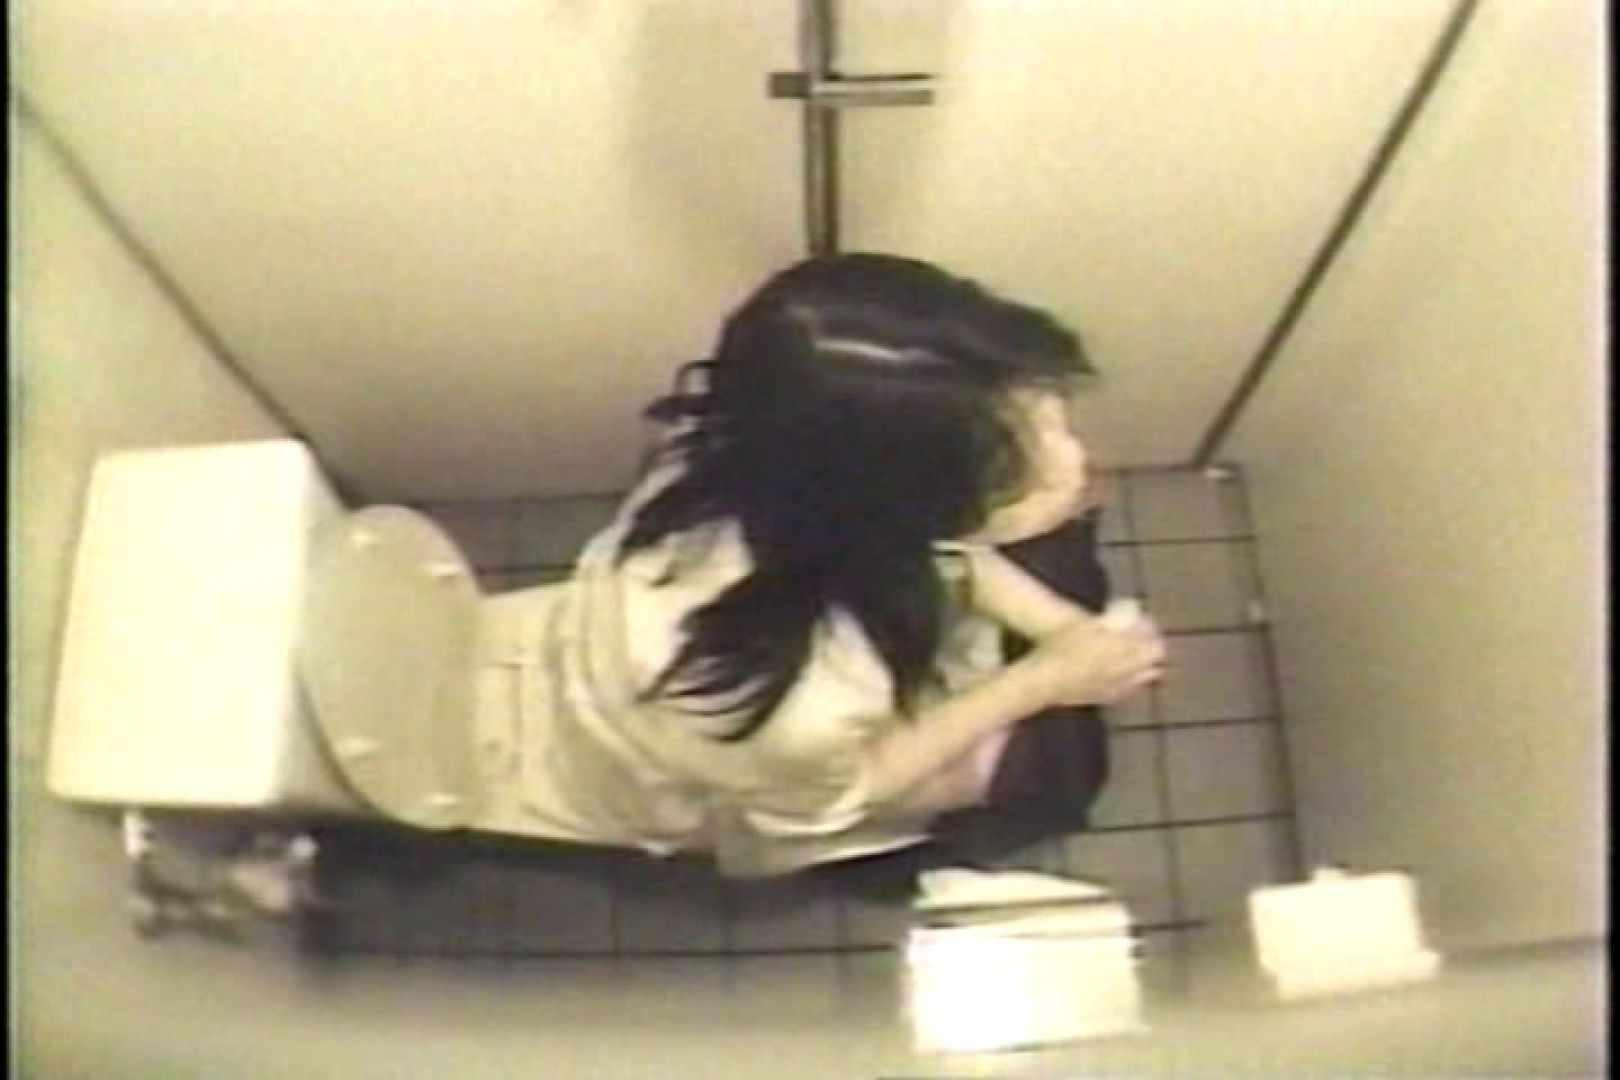 盗撮 女子洗面所3ヶ所入ってしゃがんで音出して プライベート   和式  109連発 77